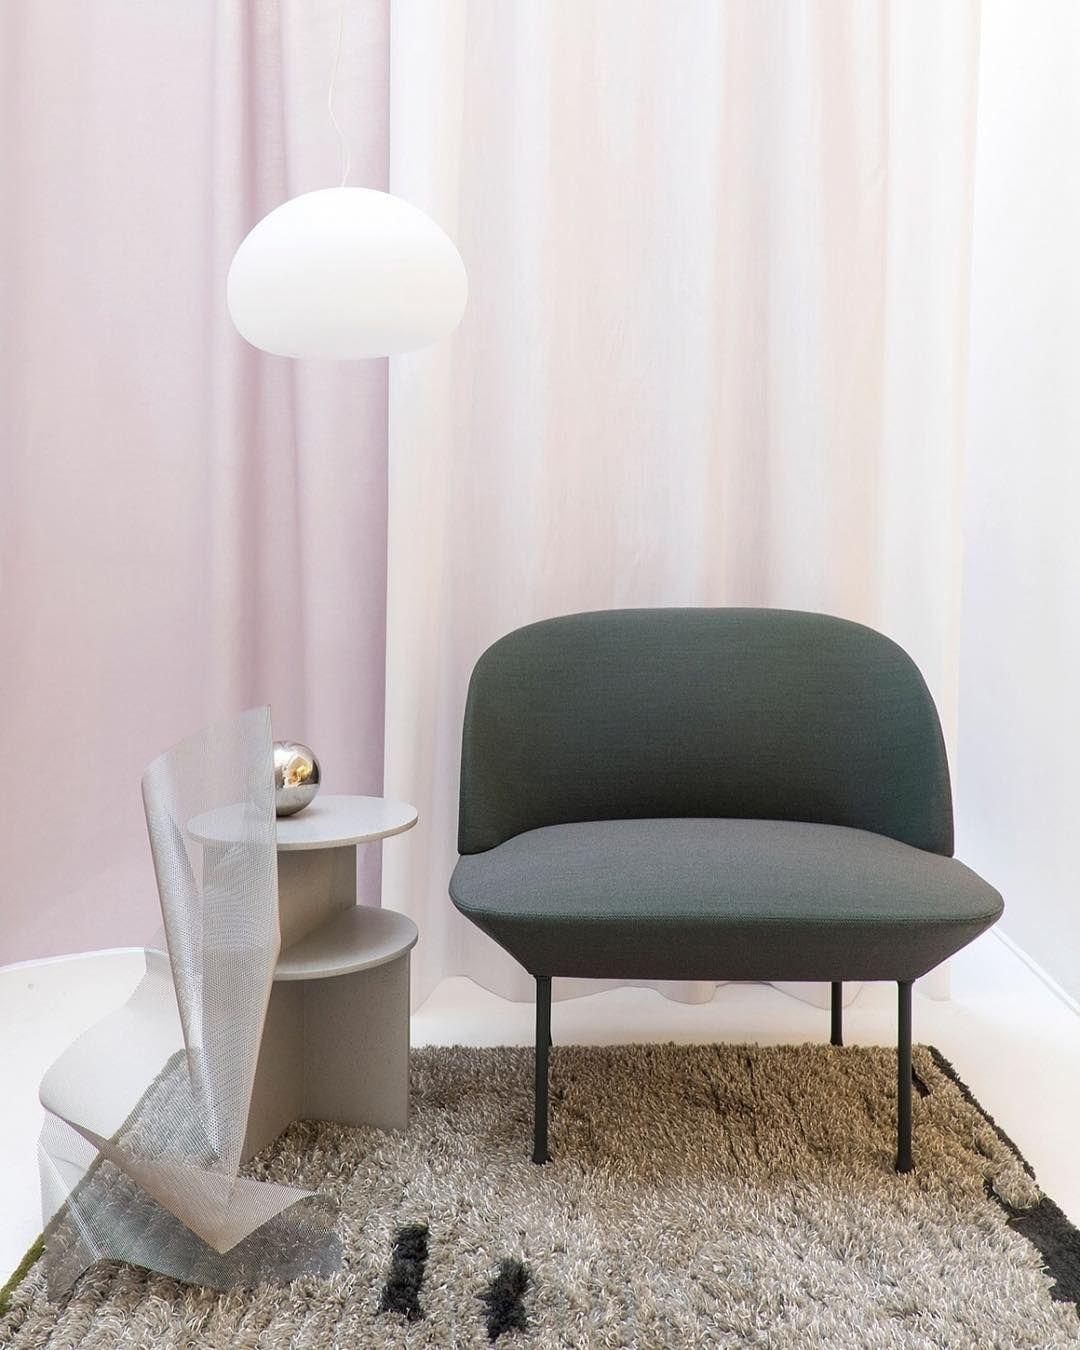 Utmerket Oslo Lounge Chair, from Norwegian designer Anderssen & Voll for DQ-46